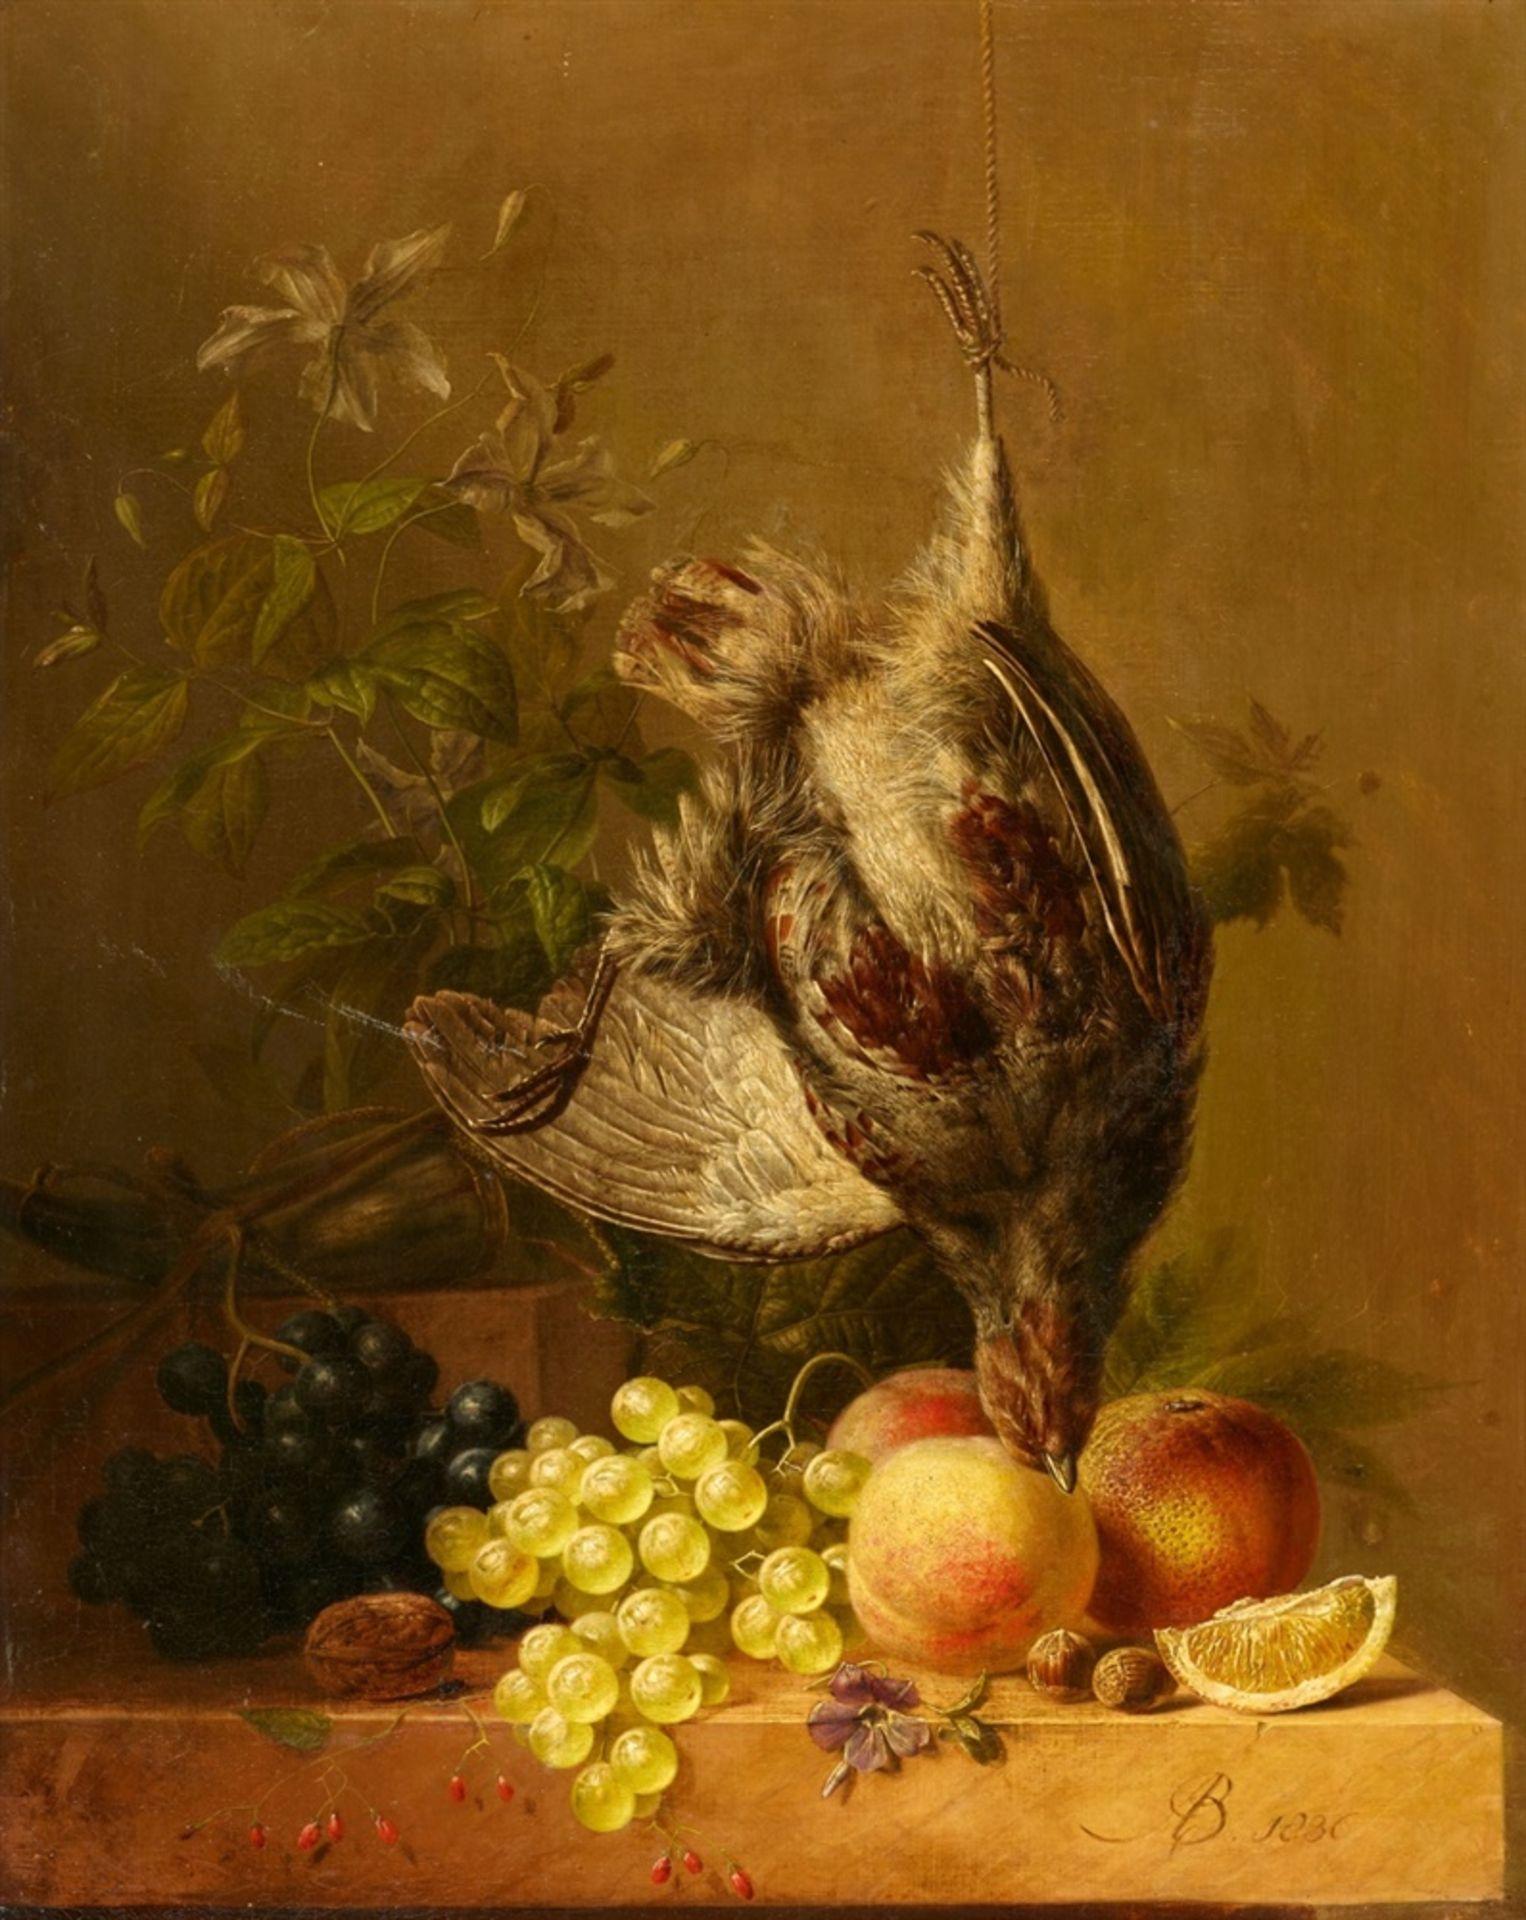 Arnoldus BloemersStillleben mit Früchten, Nüssen und Rebhuhn